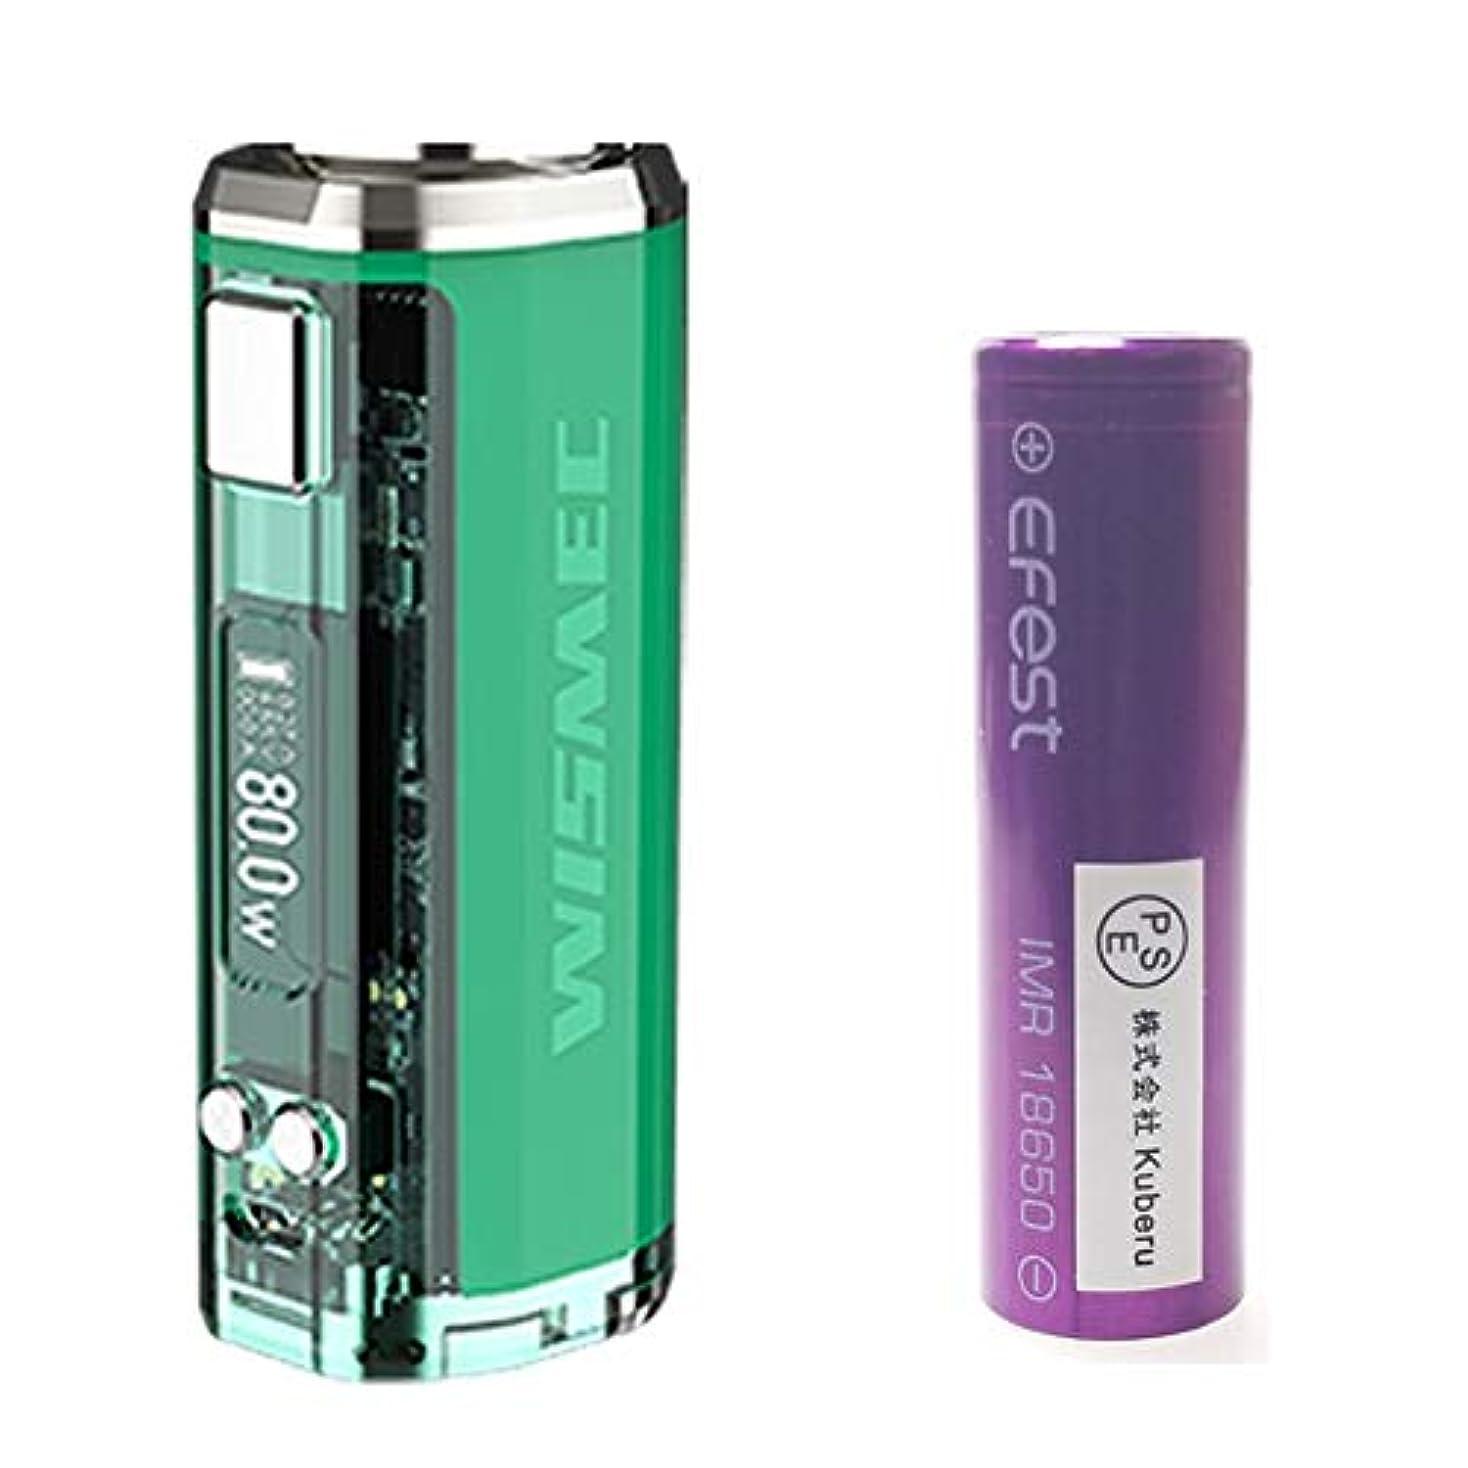 弱いスーパー反逆者【正規輸入品】WISMEC SINUOUS V80 80W TC MOD +EFEST 18650バッテリー PSE認証取得 セット (Dark Green)